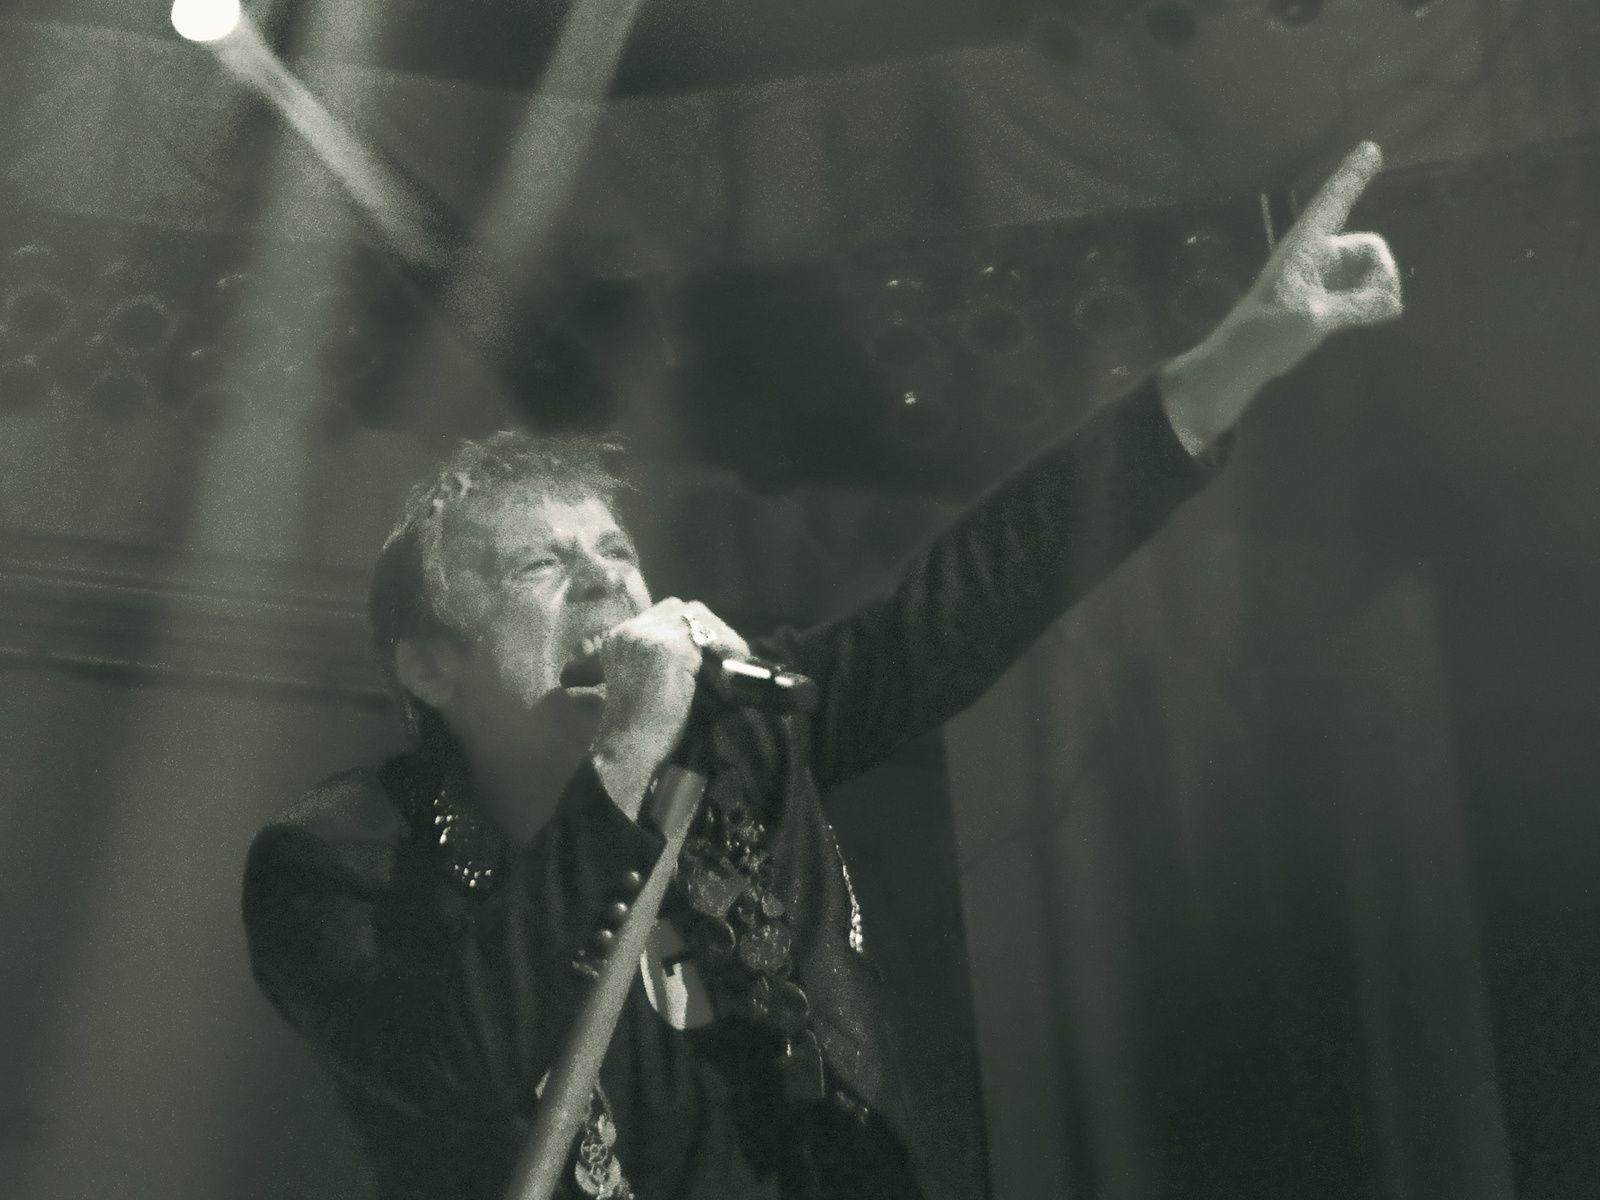 Bruce Dickinson - 27 Jul 2012 - Iron Maiden, Live at the Maiden England tour 2012 in Edmonton Alberta